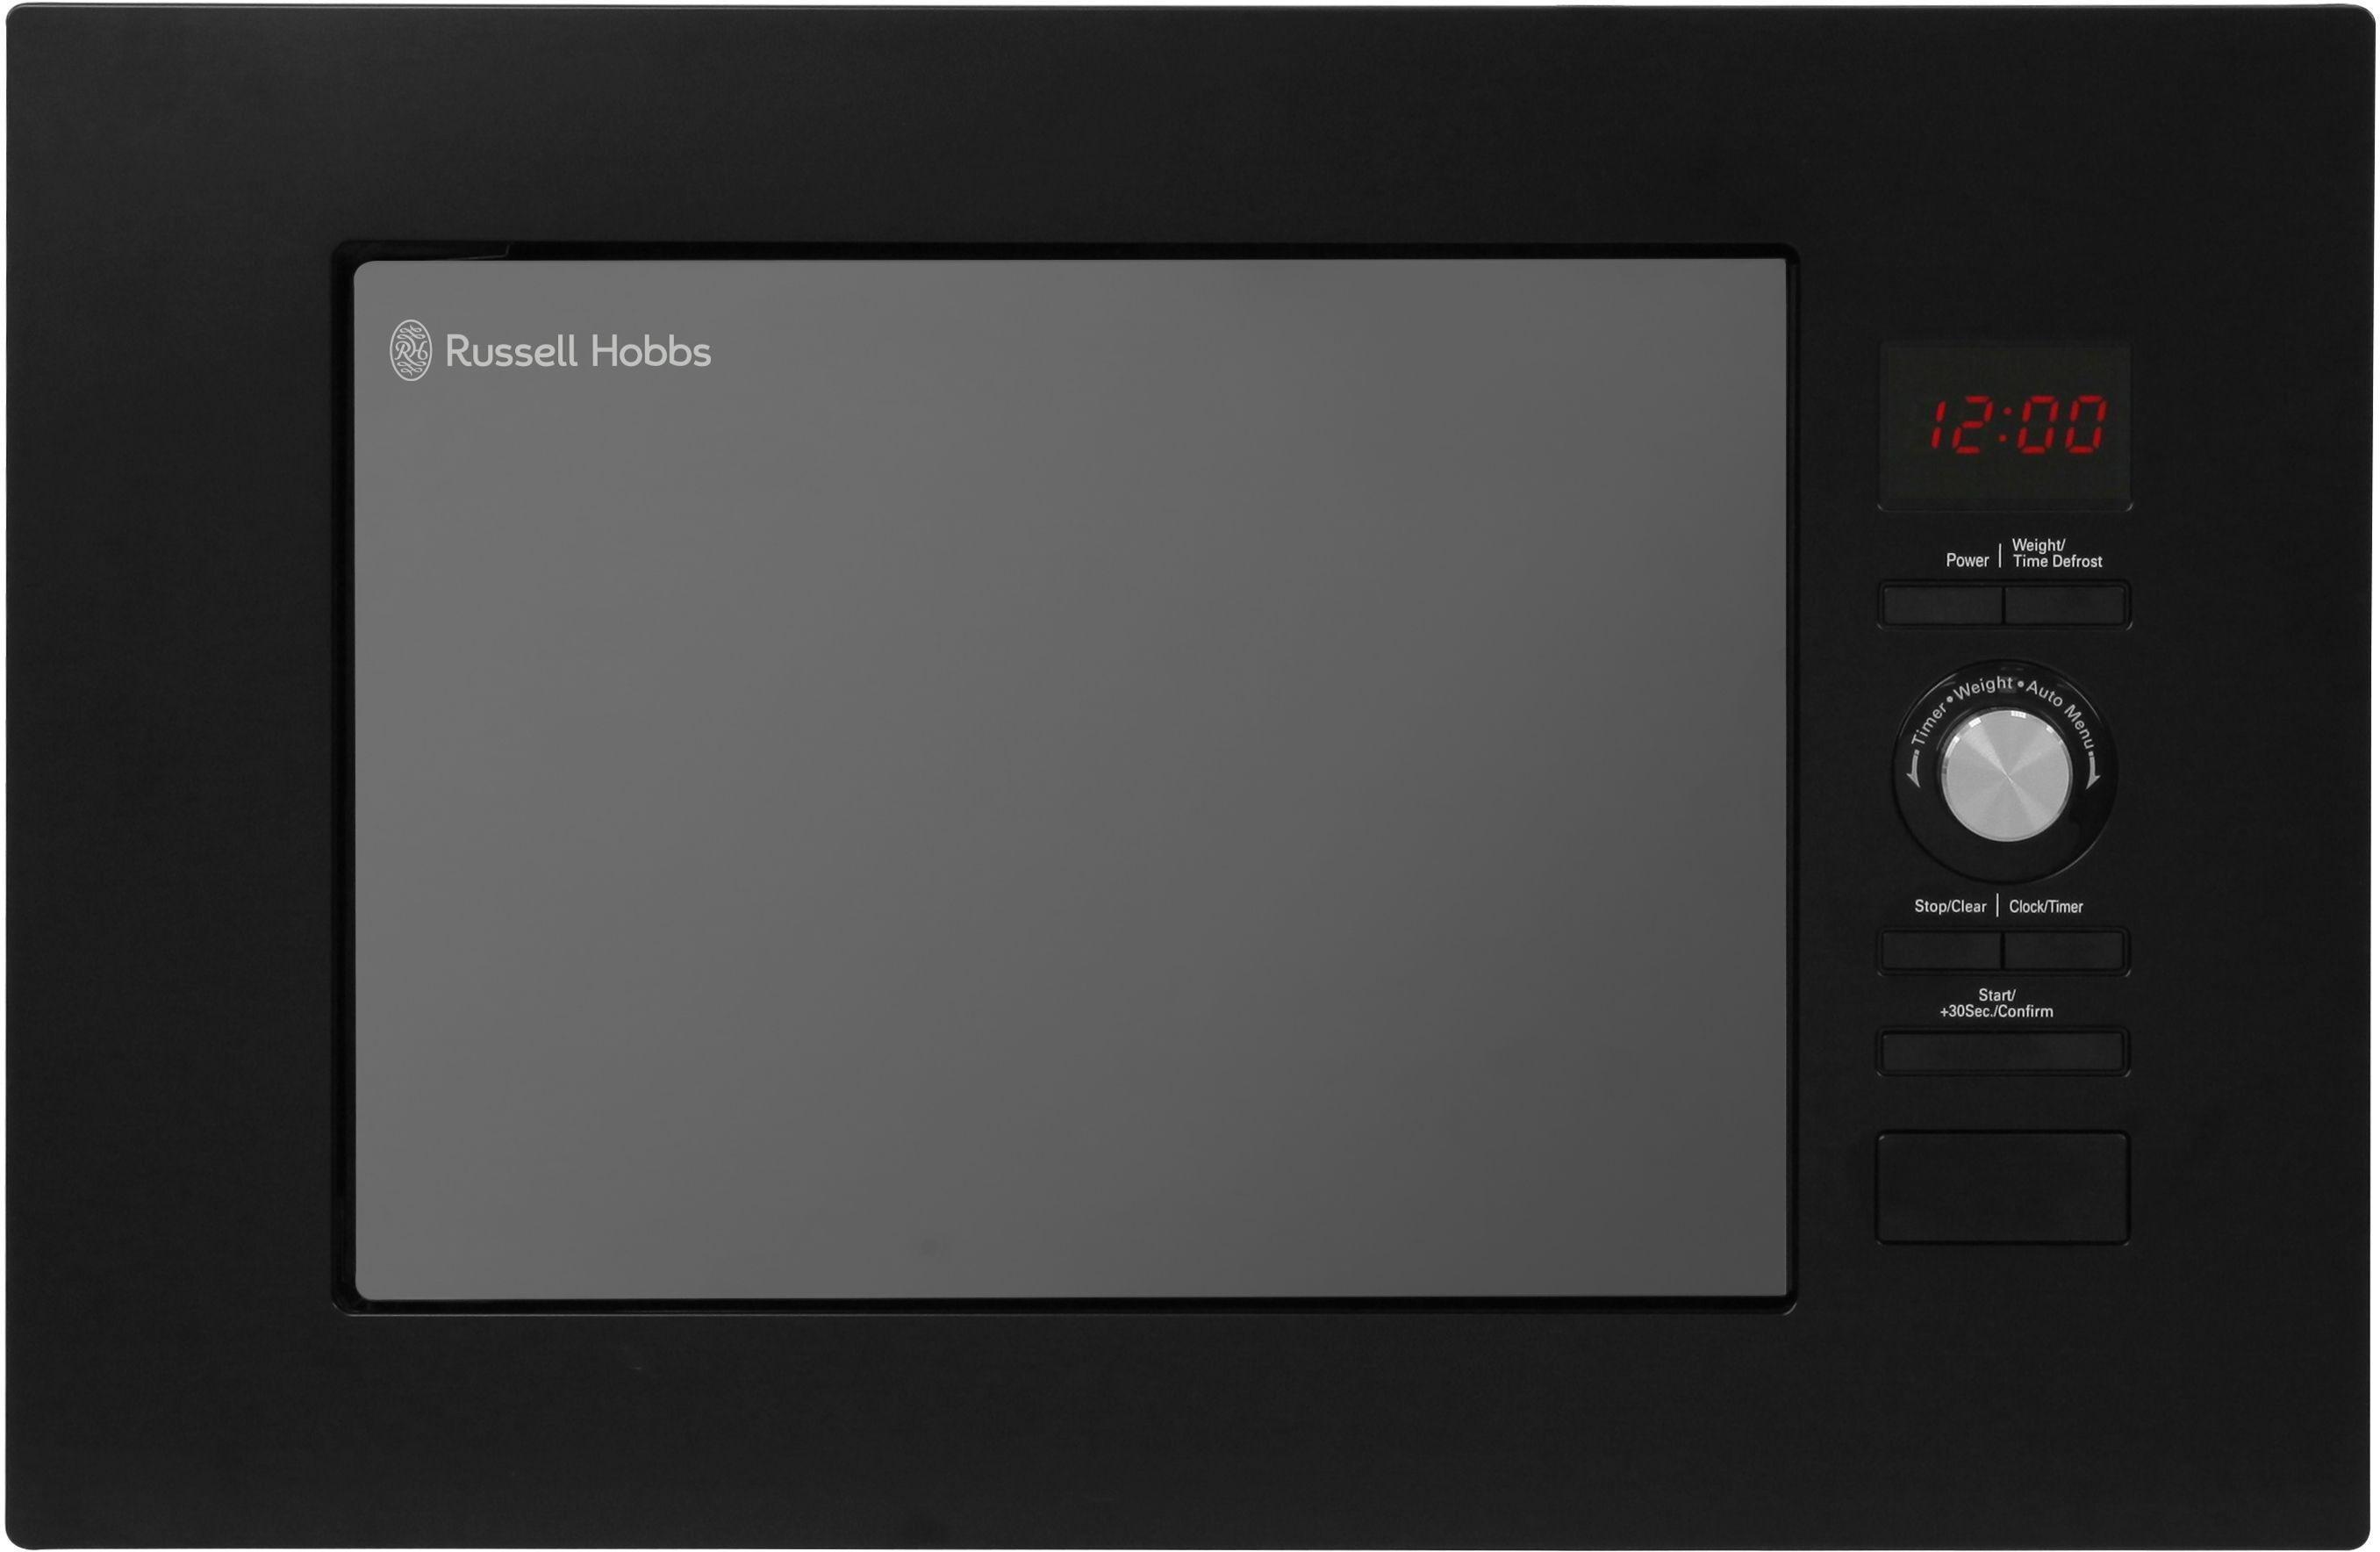 Russell Hobbs - Built-in 20 Litre Digital Microwave - Black